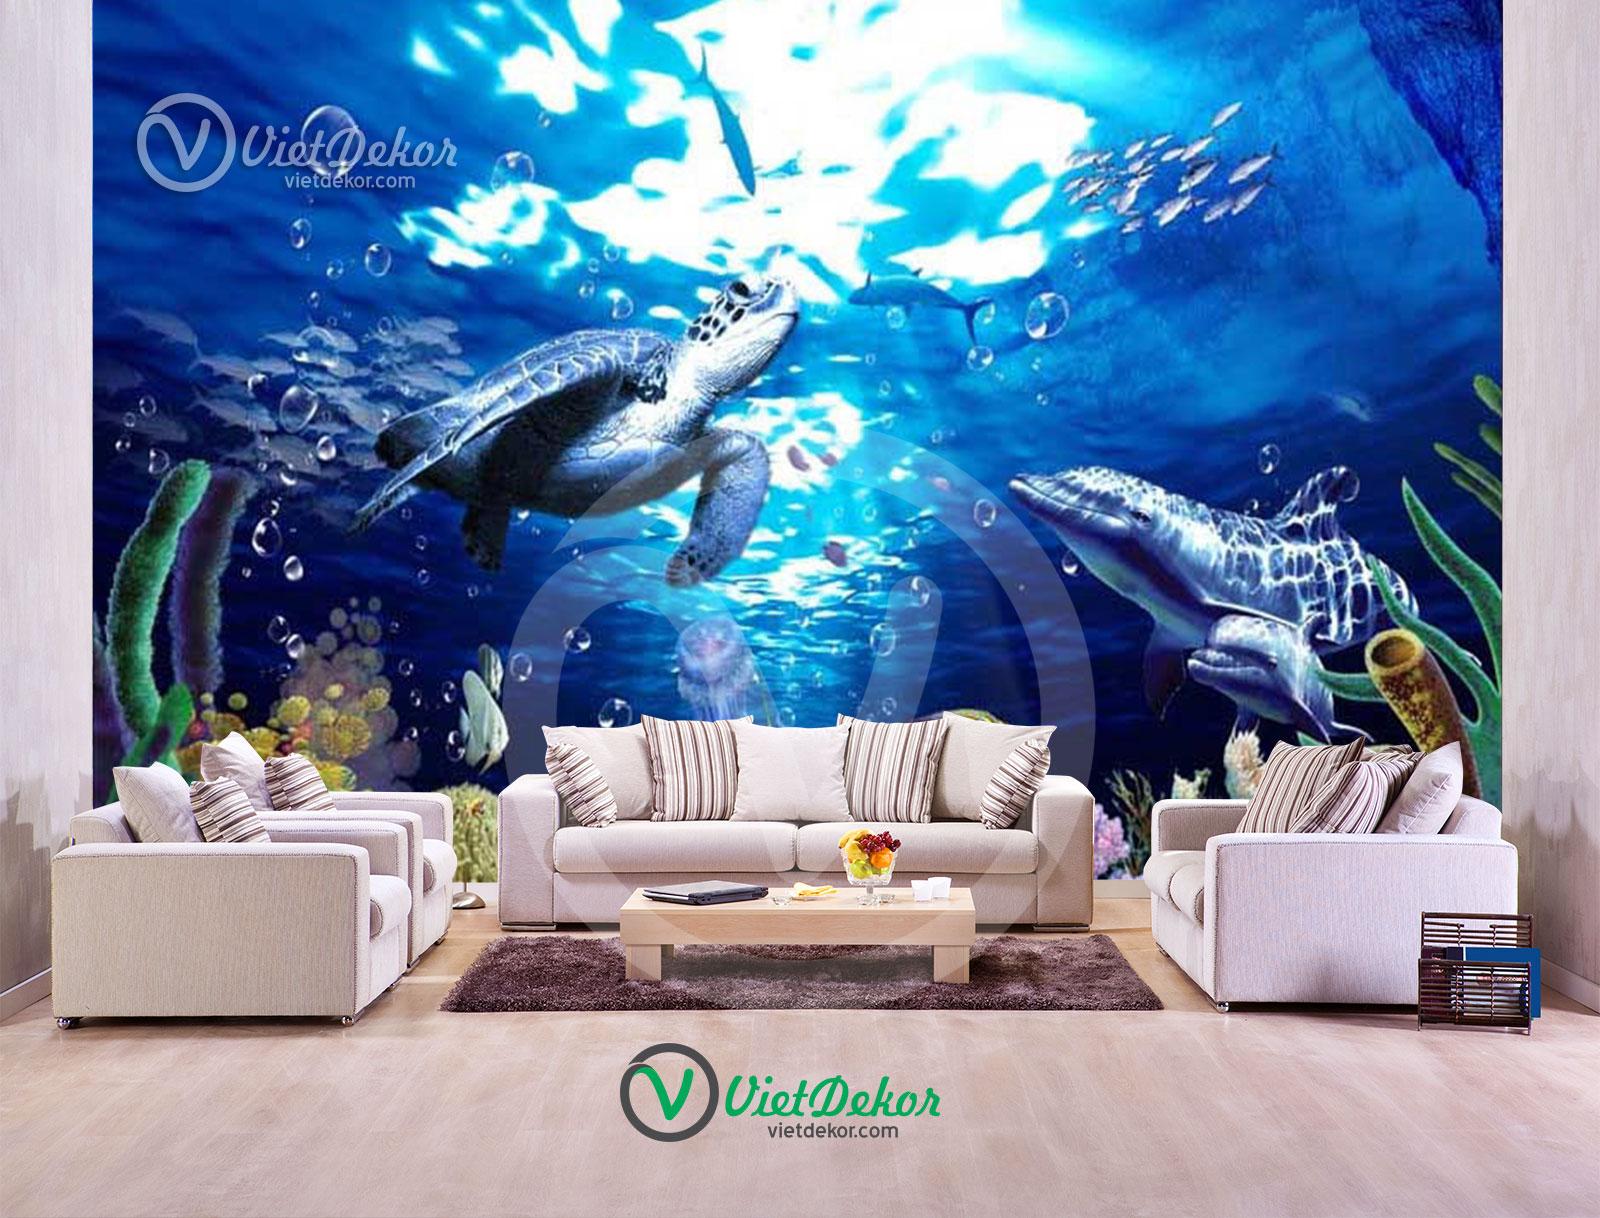 Tranh dán tường 3d phong cảnh đáy biển cá xấu